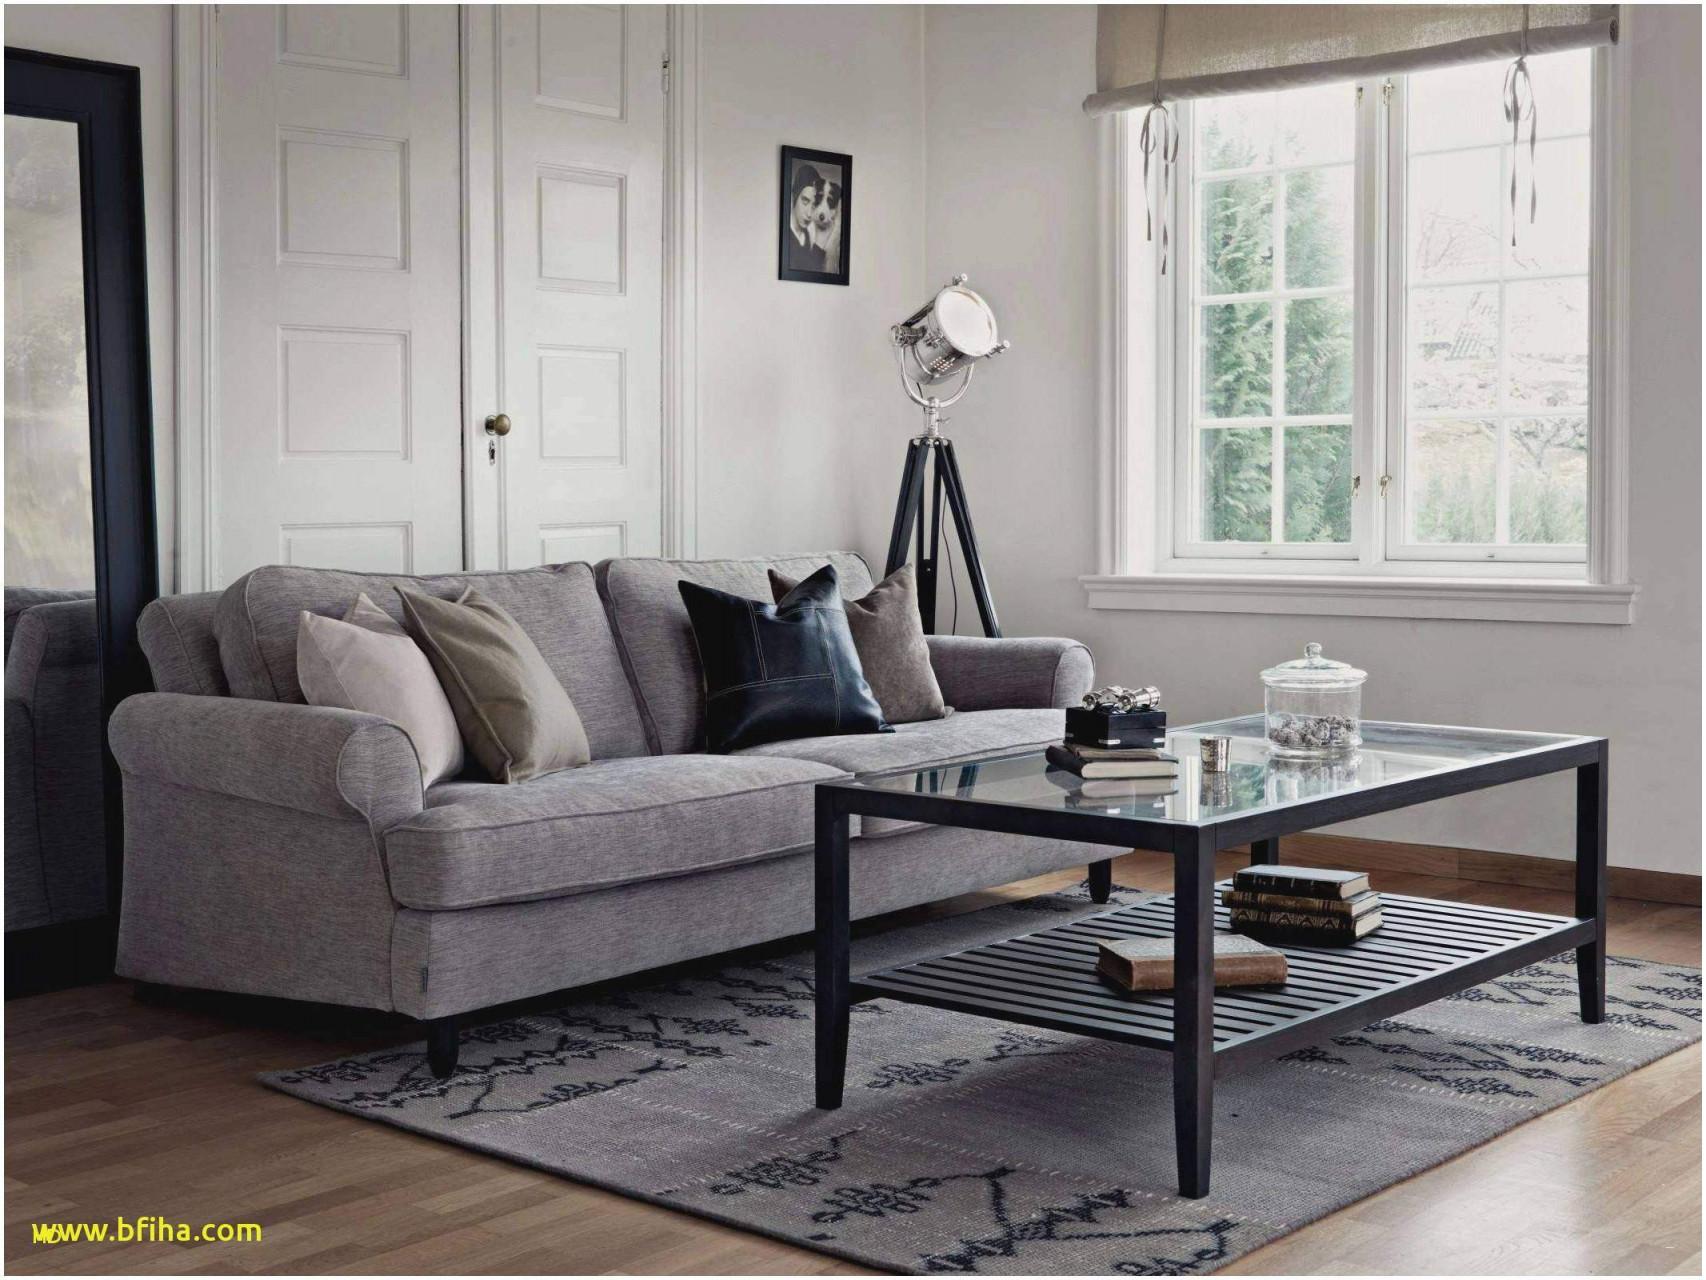 Pflanzen Für Wohnzimmer Luxus Fresh Möbel Wohnzimmer Ideen von Wohnzimmer Pflanzen Ideen Bild